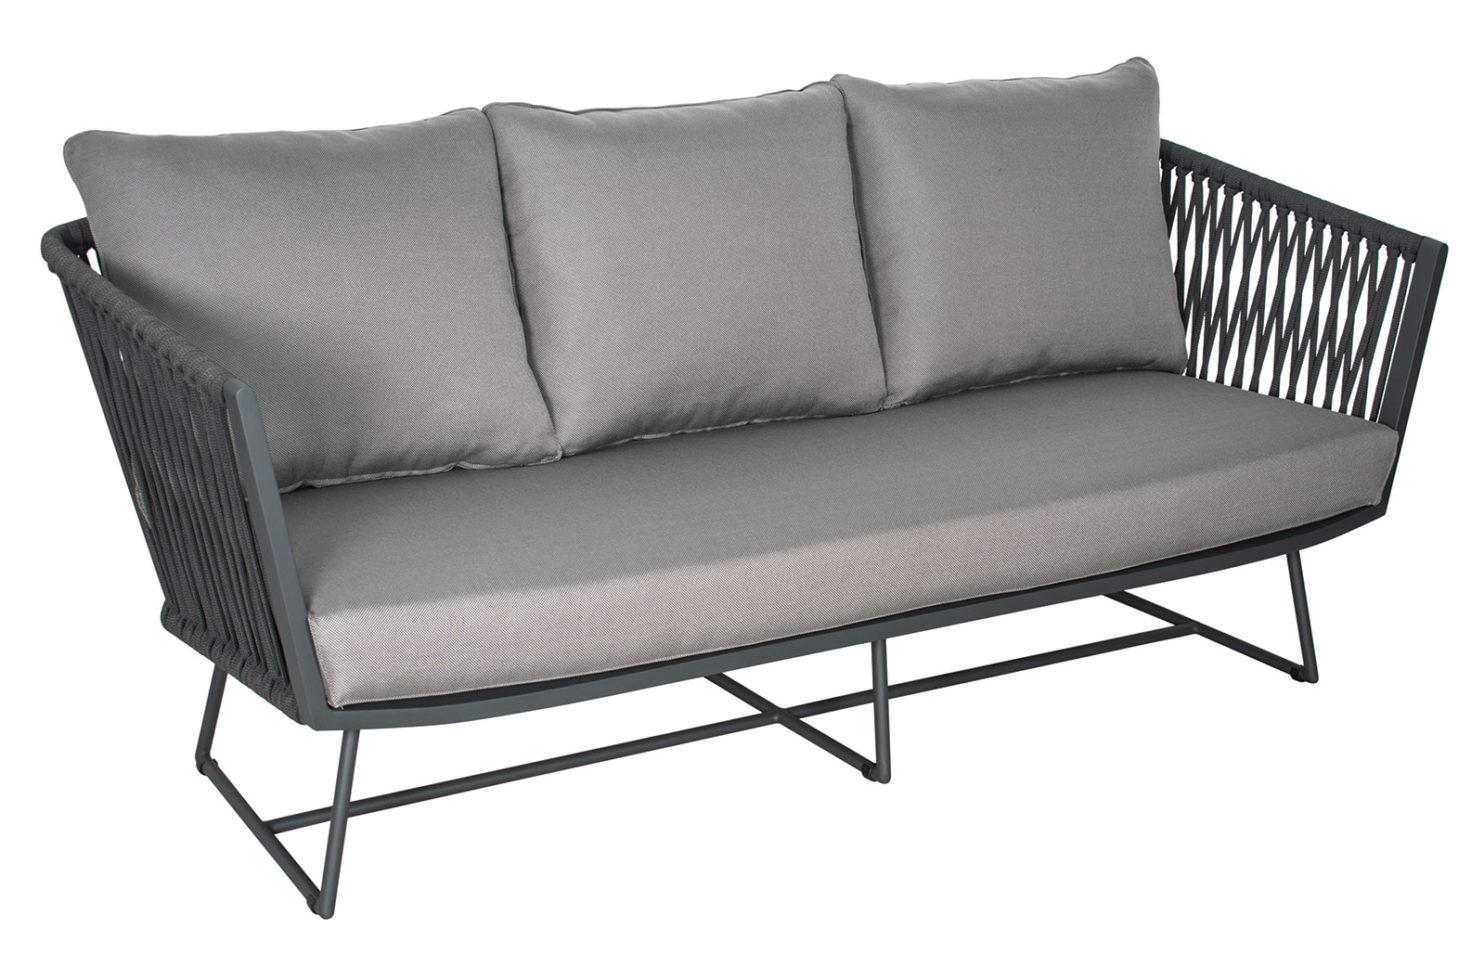 Archipelago orion sofa 620FT081P2DGP 1 3Q